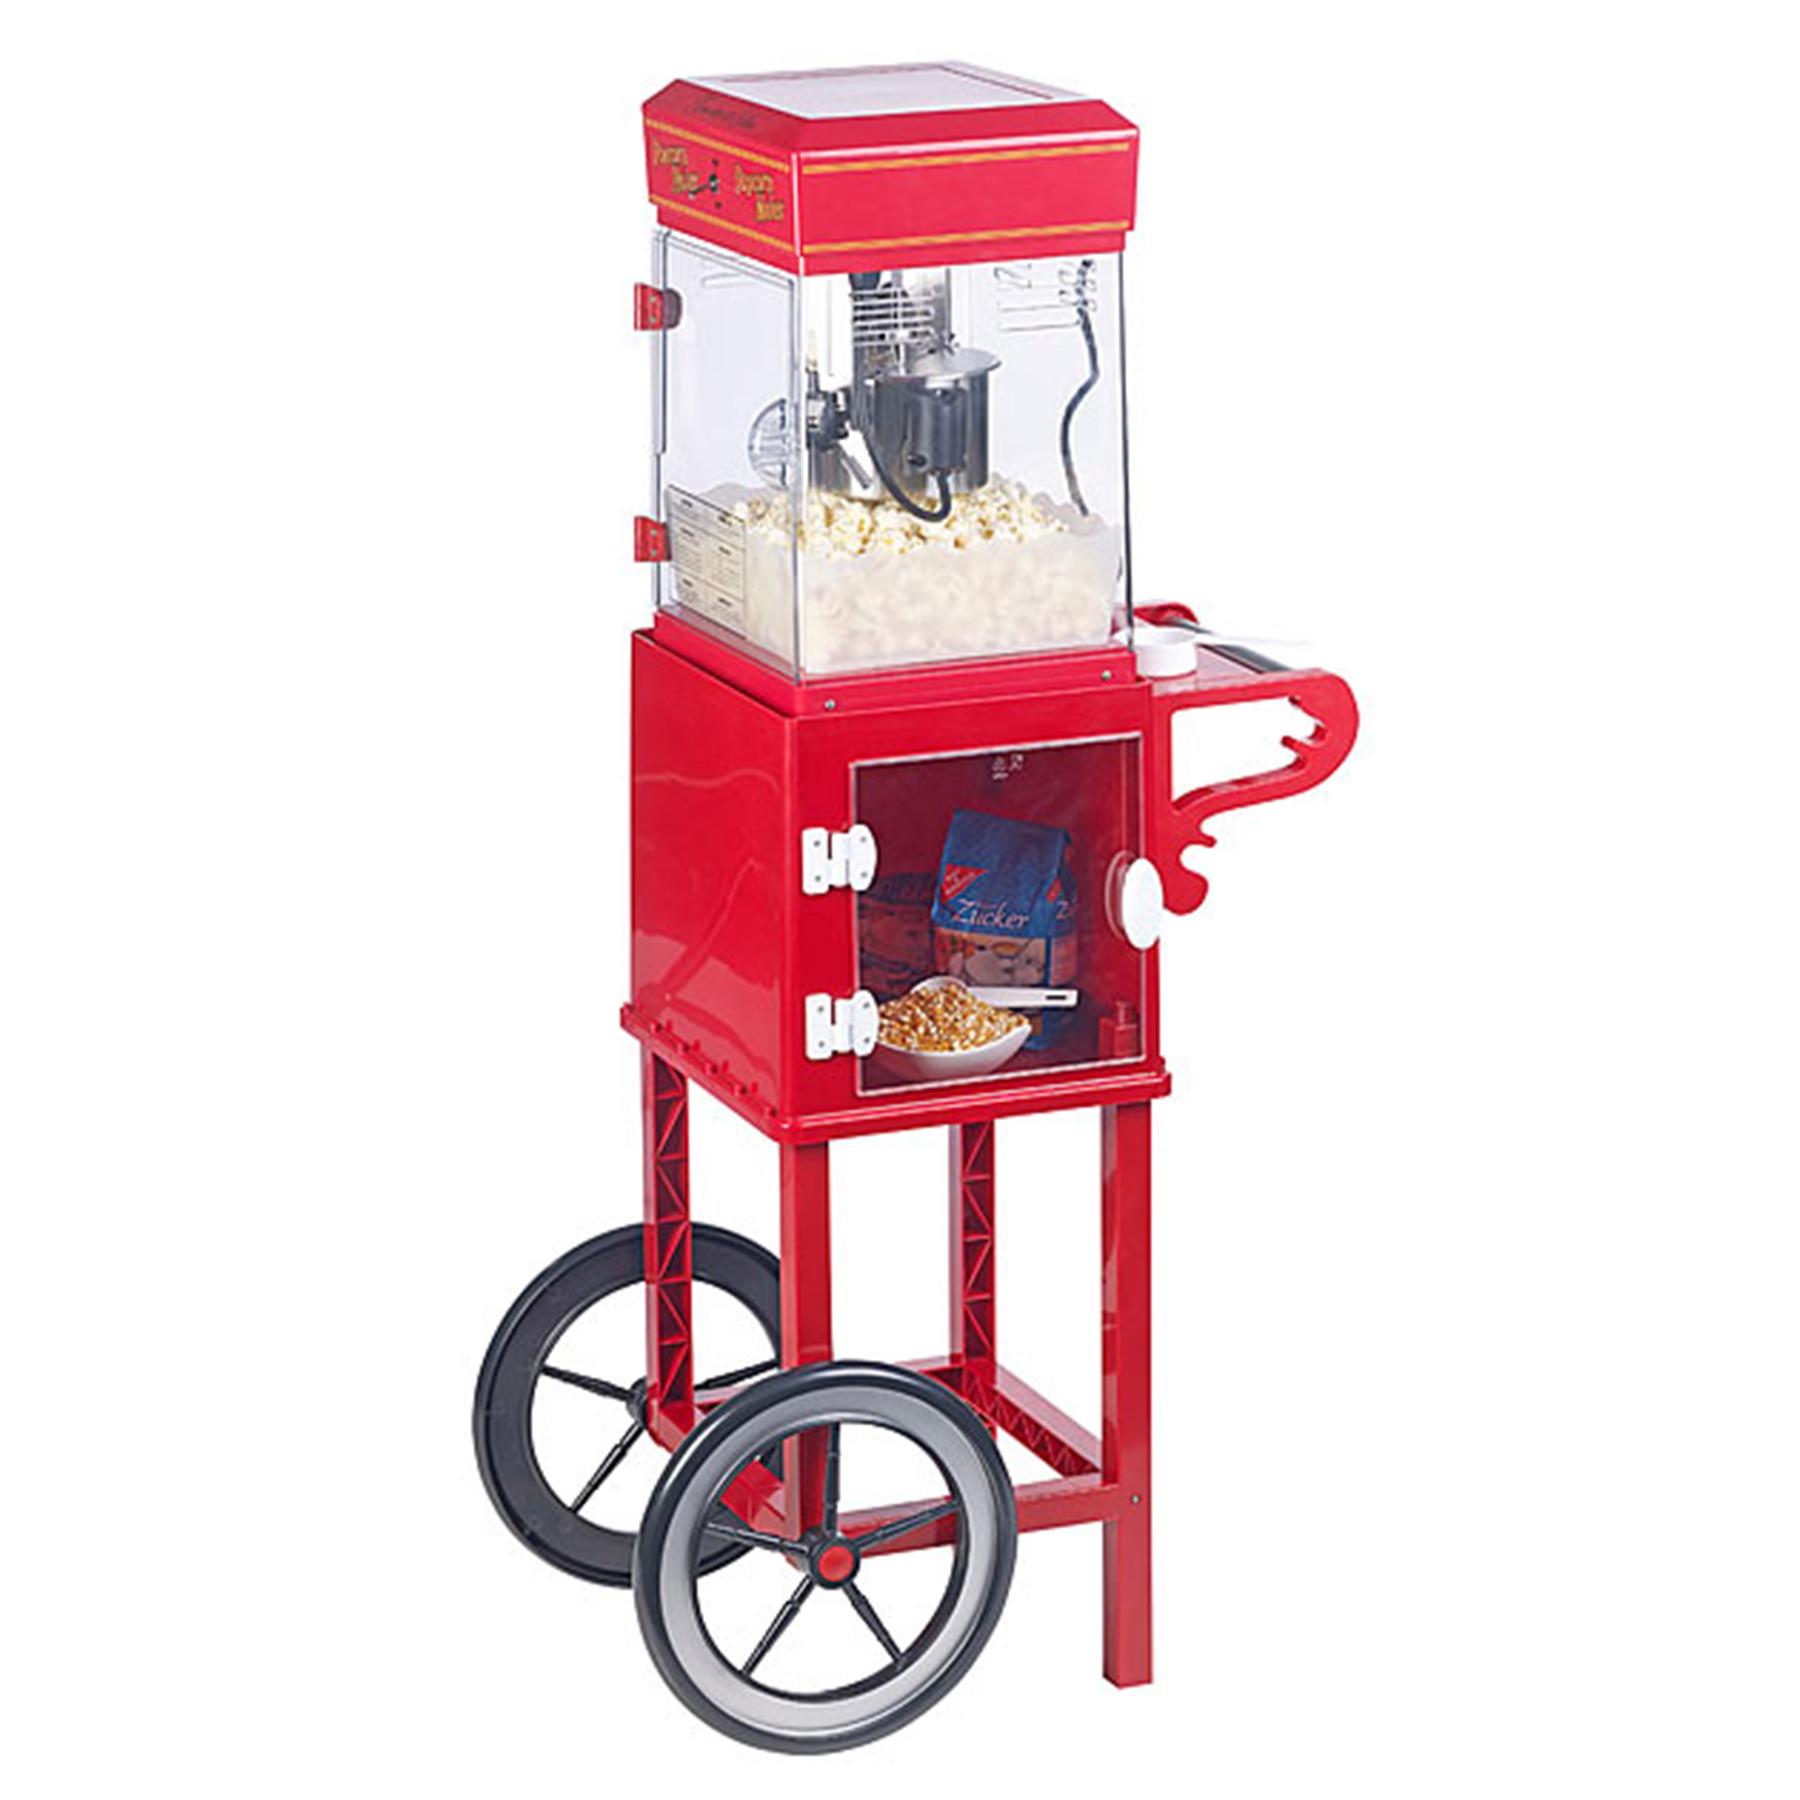 Popcornmaschine mit Wagen - Premium Edition - 2